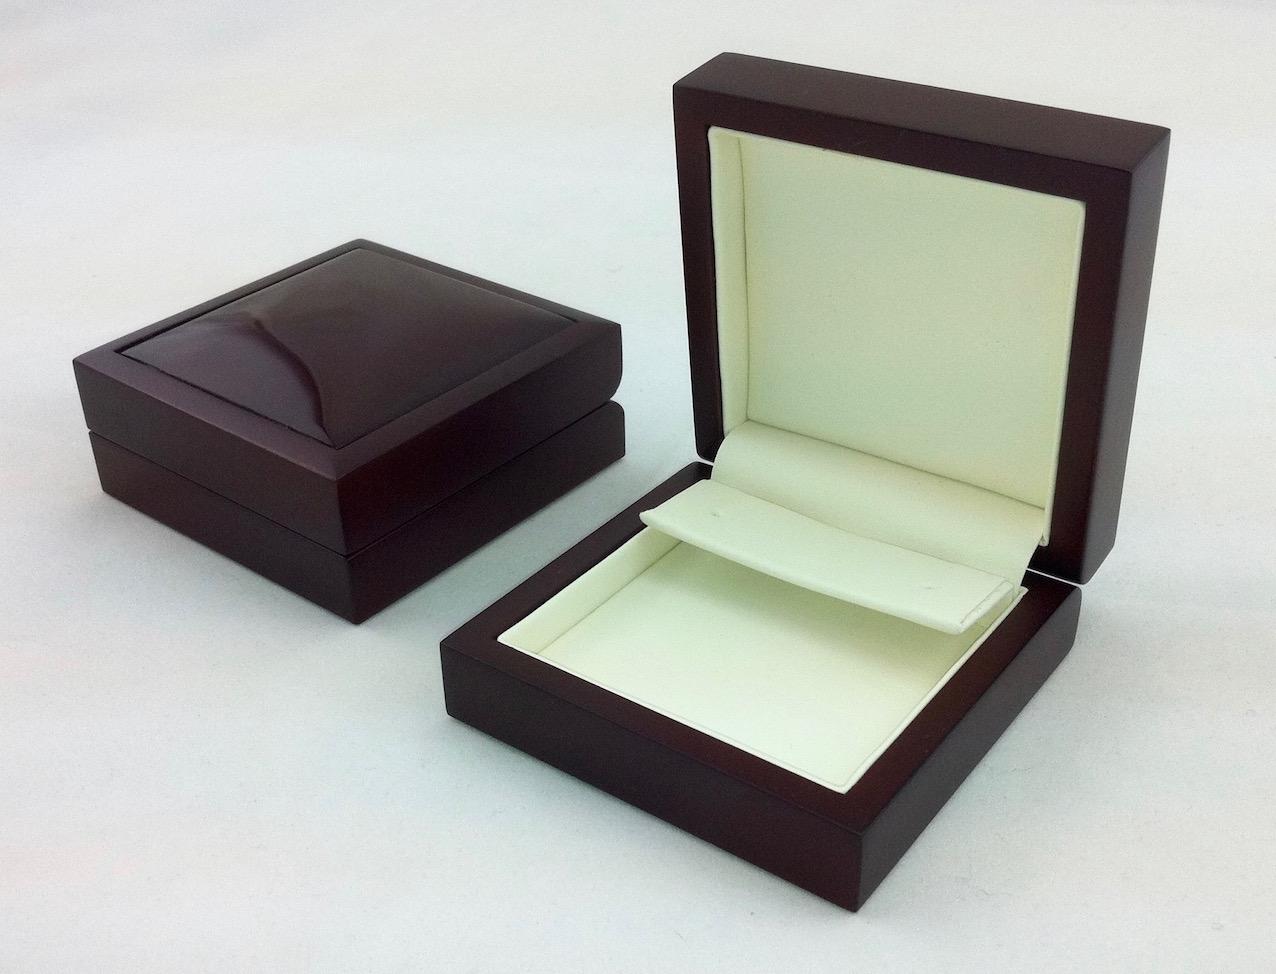 Drop earring insert in high end jewellery box